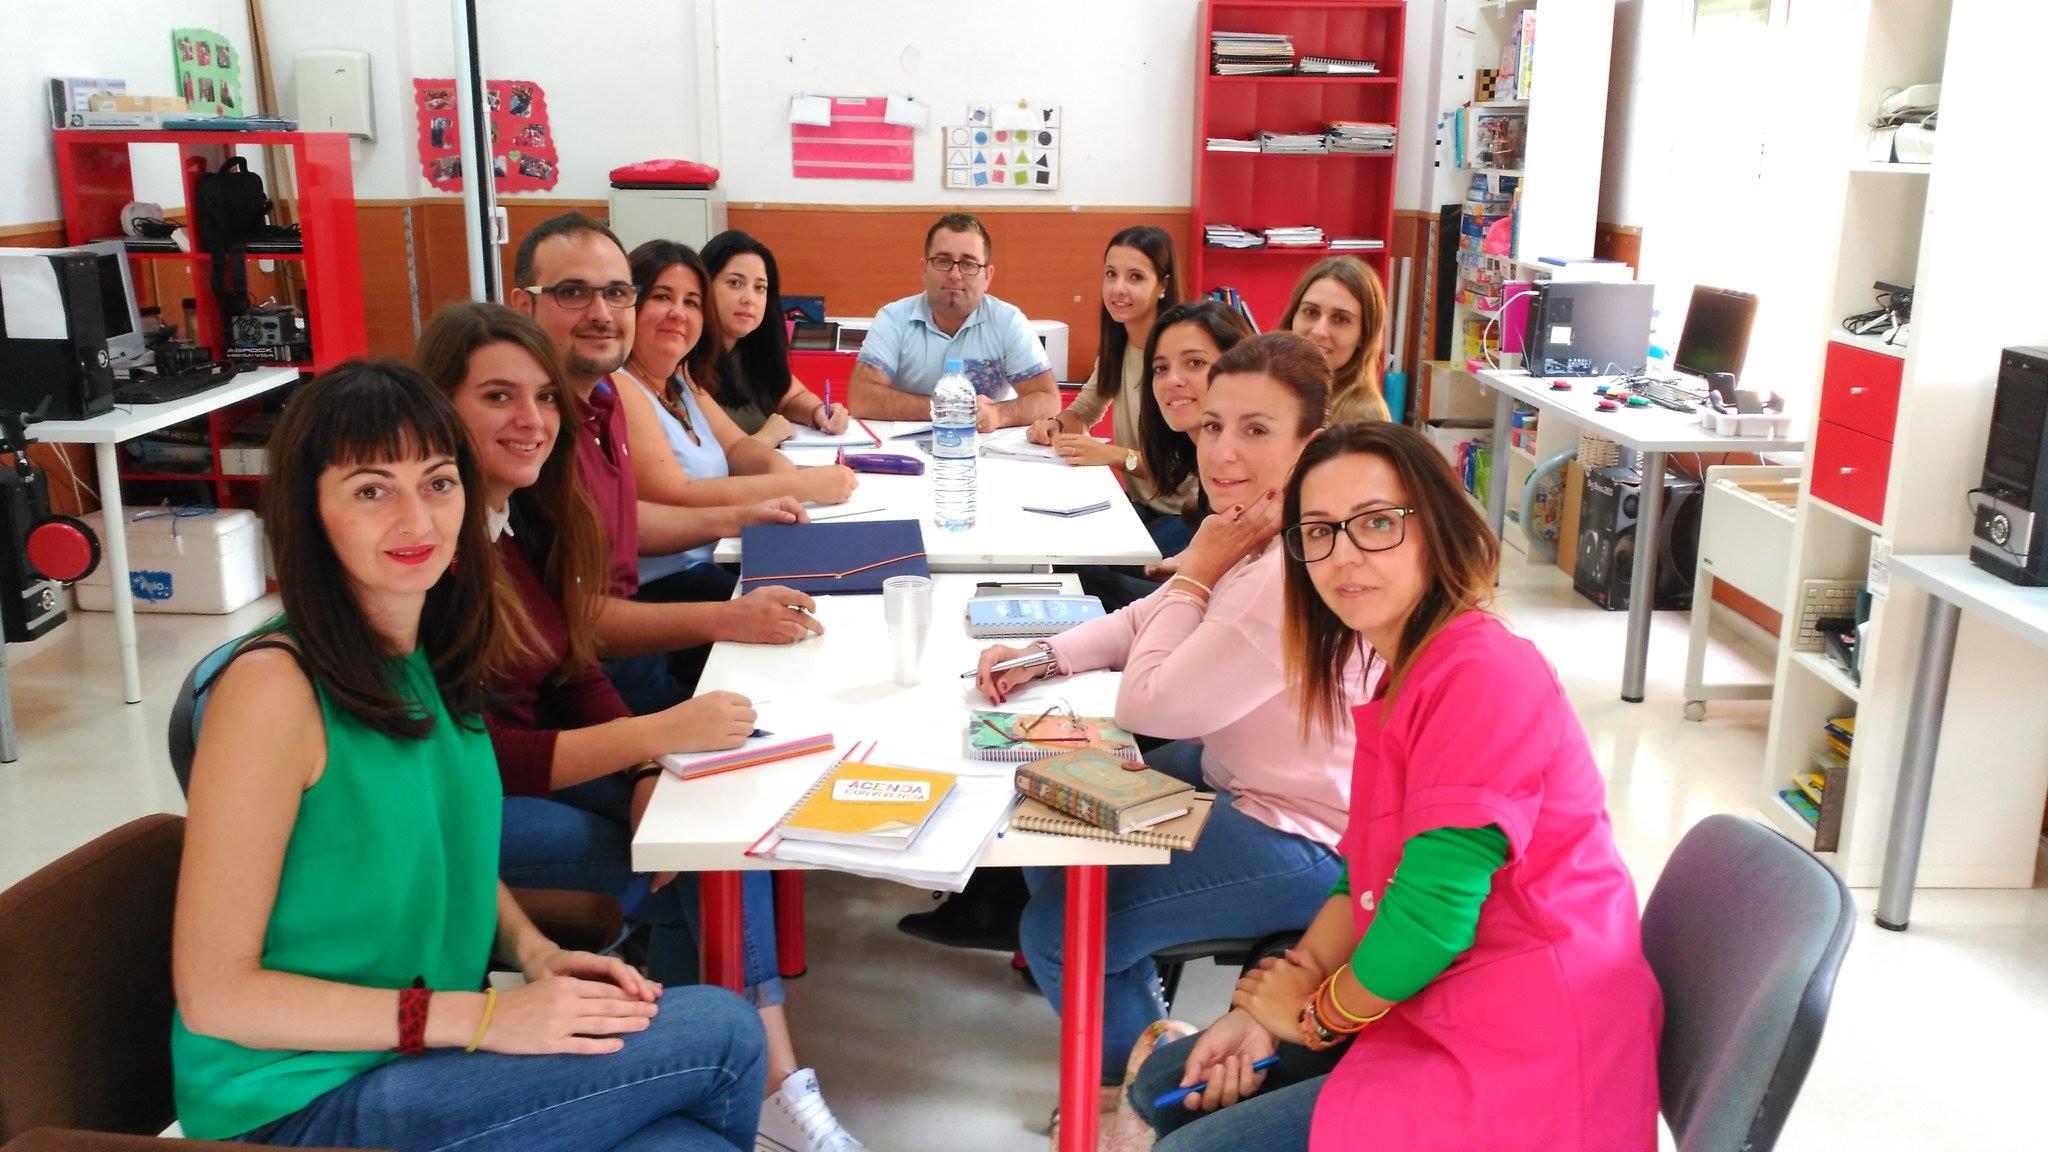 Nuestro logopeda José Ignacio Hidalgo participa en el Grupo de Sistemas de comunicación y NNTT del proyecto Talento de Aspace